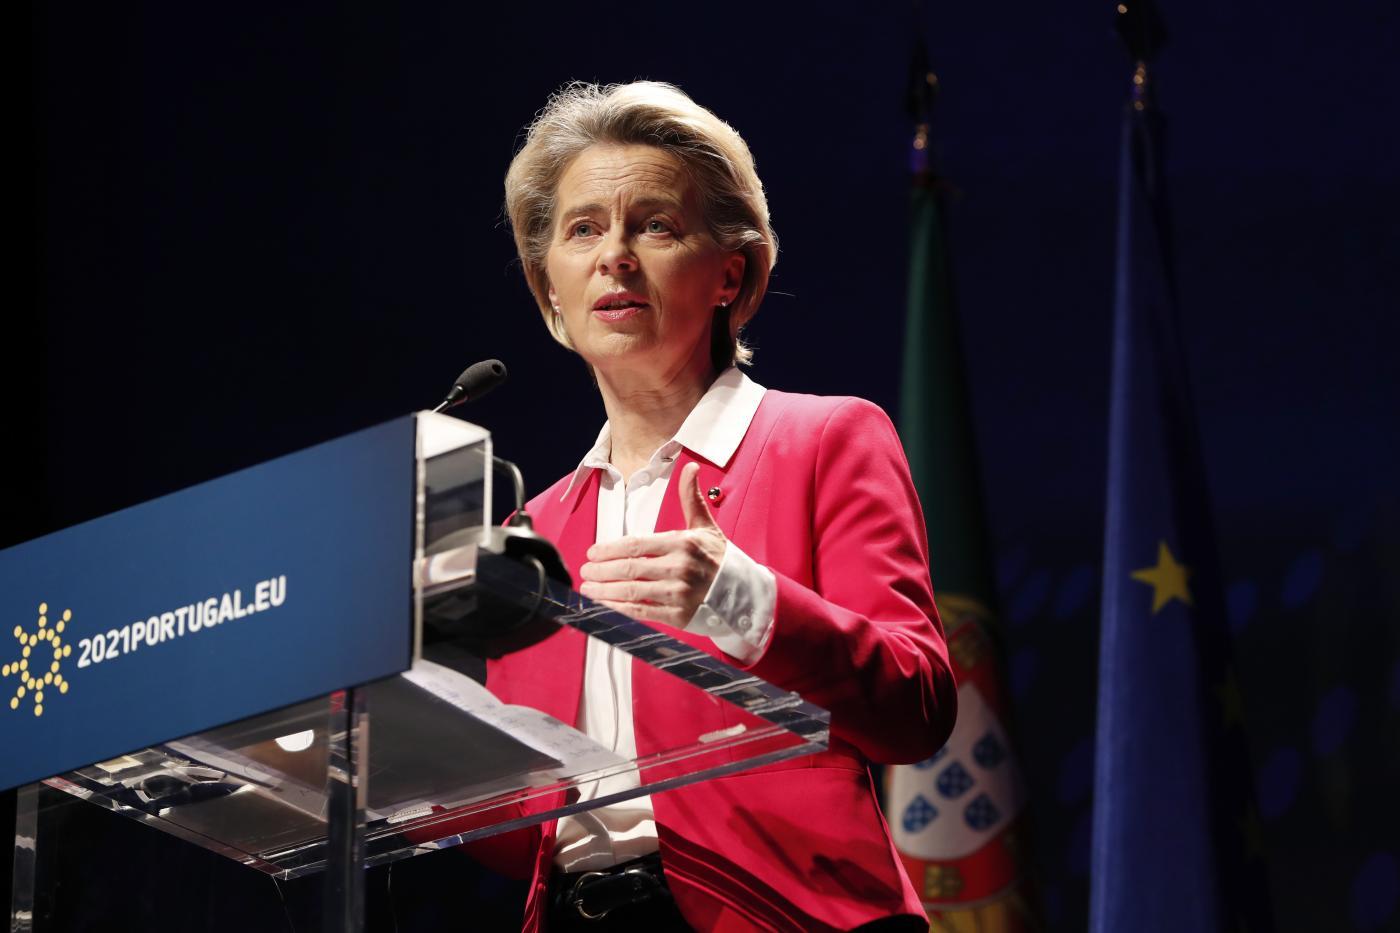 Ursula Von Der Leyen, La presidente della Commissione europea